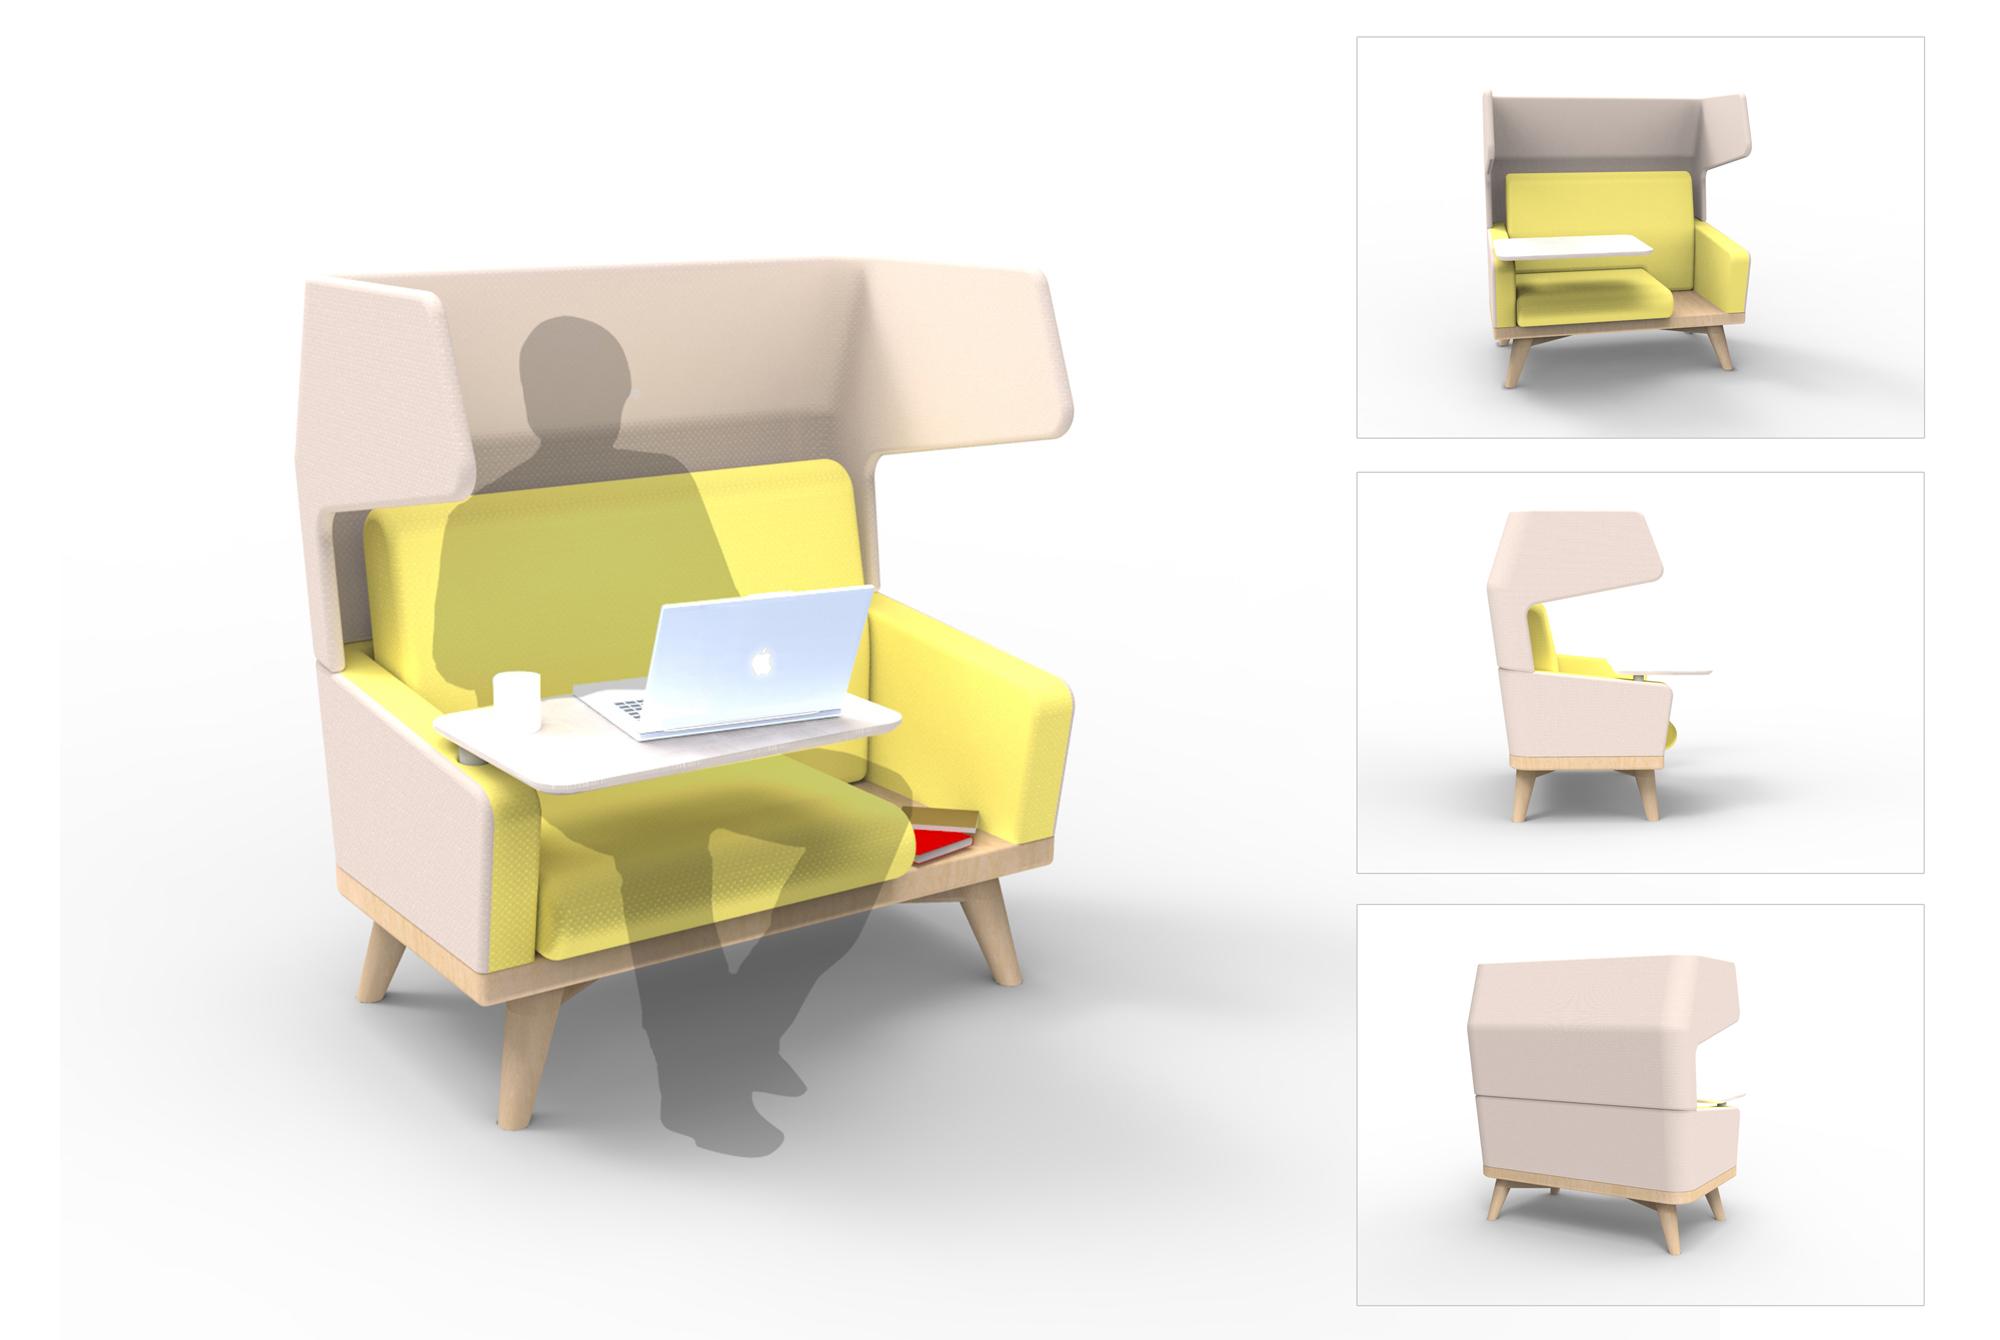 Initial 3D rendering